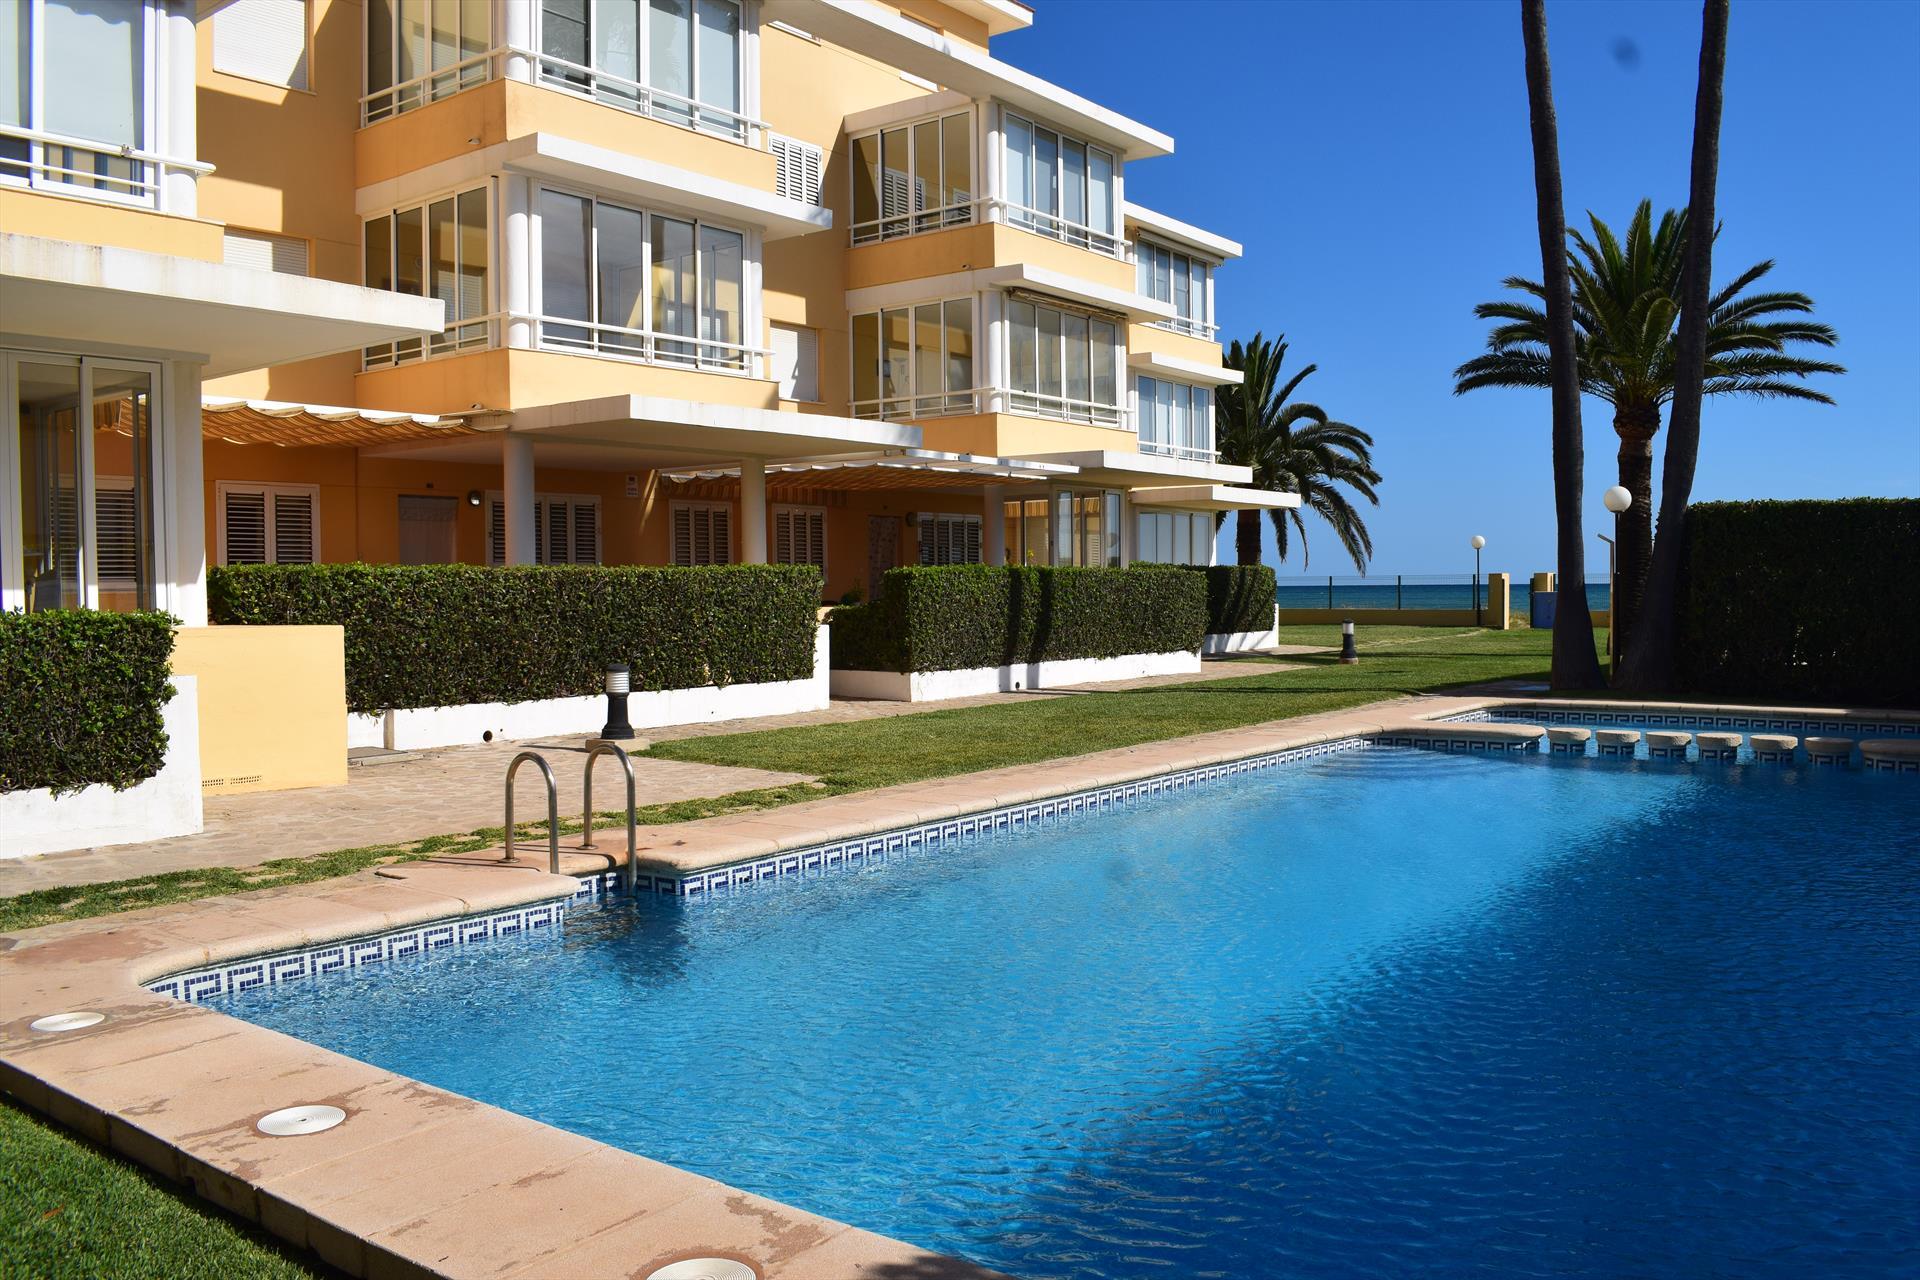 Punta Marines Llac Trasimeno PB3206,Apartamento grande y acogedor  con piscina comunitaria en Denia, en la Costa Blanca, España para 6 personas.....